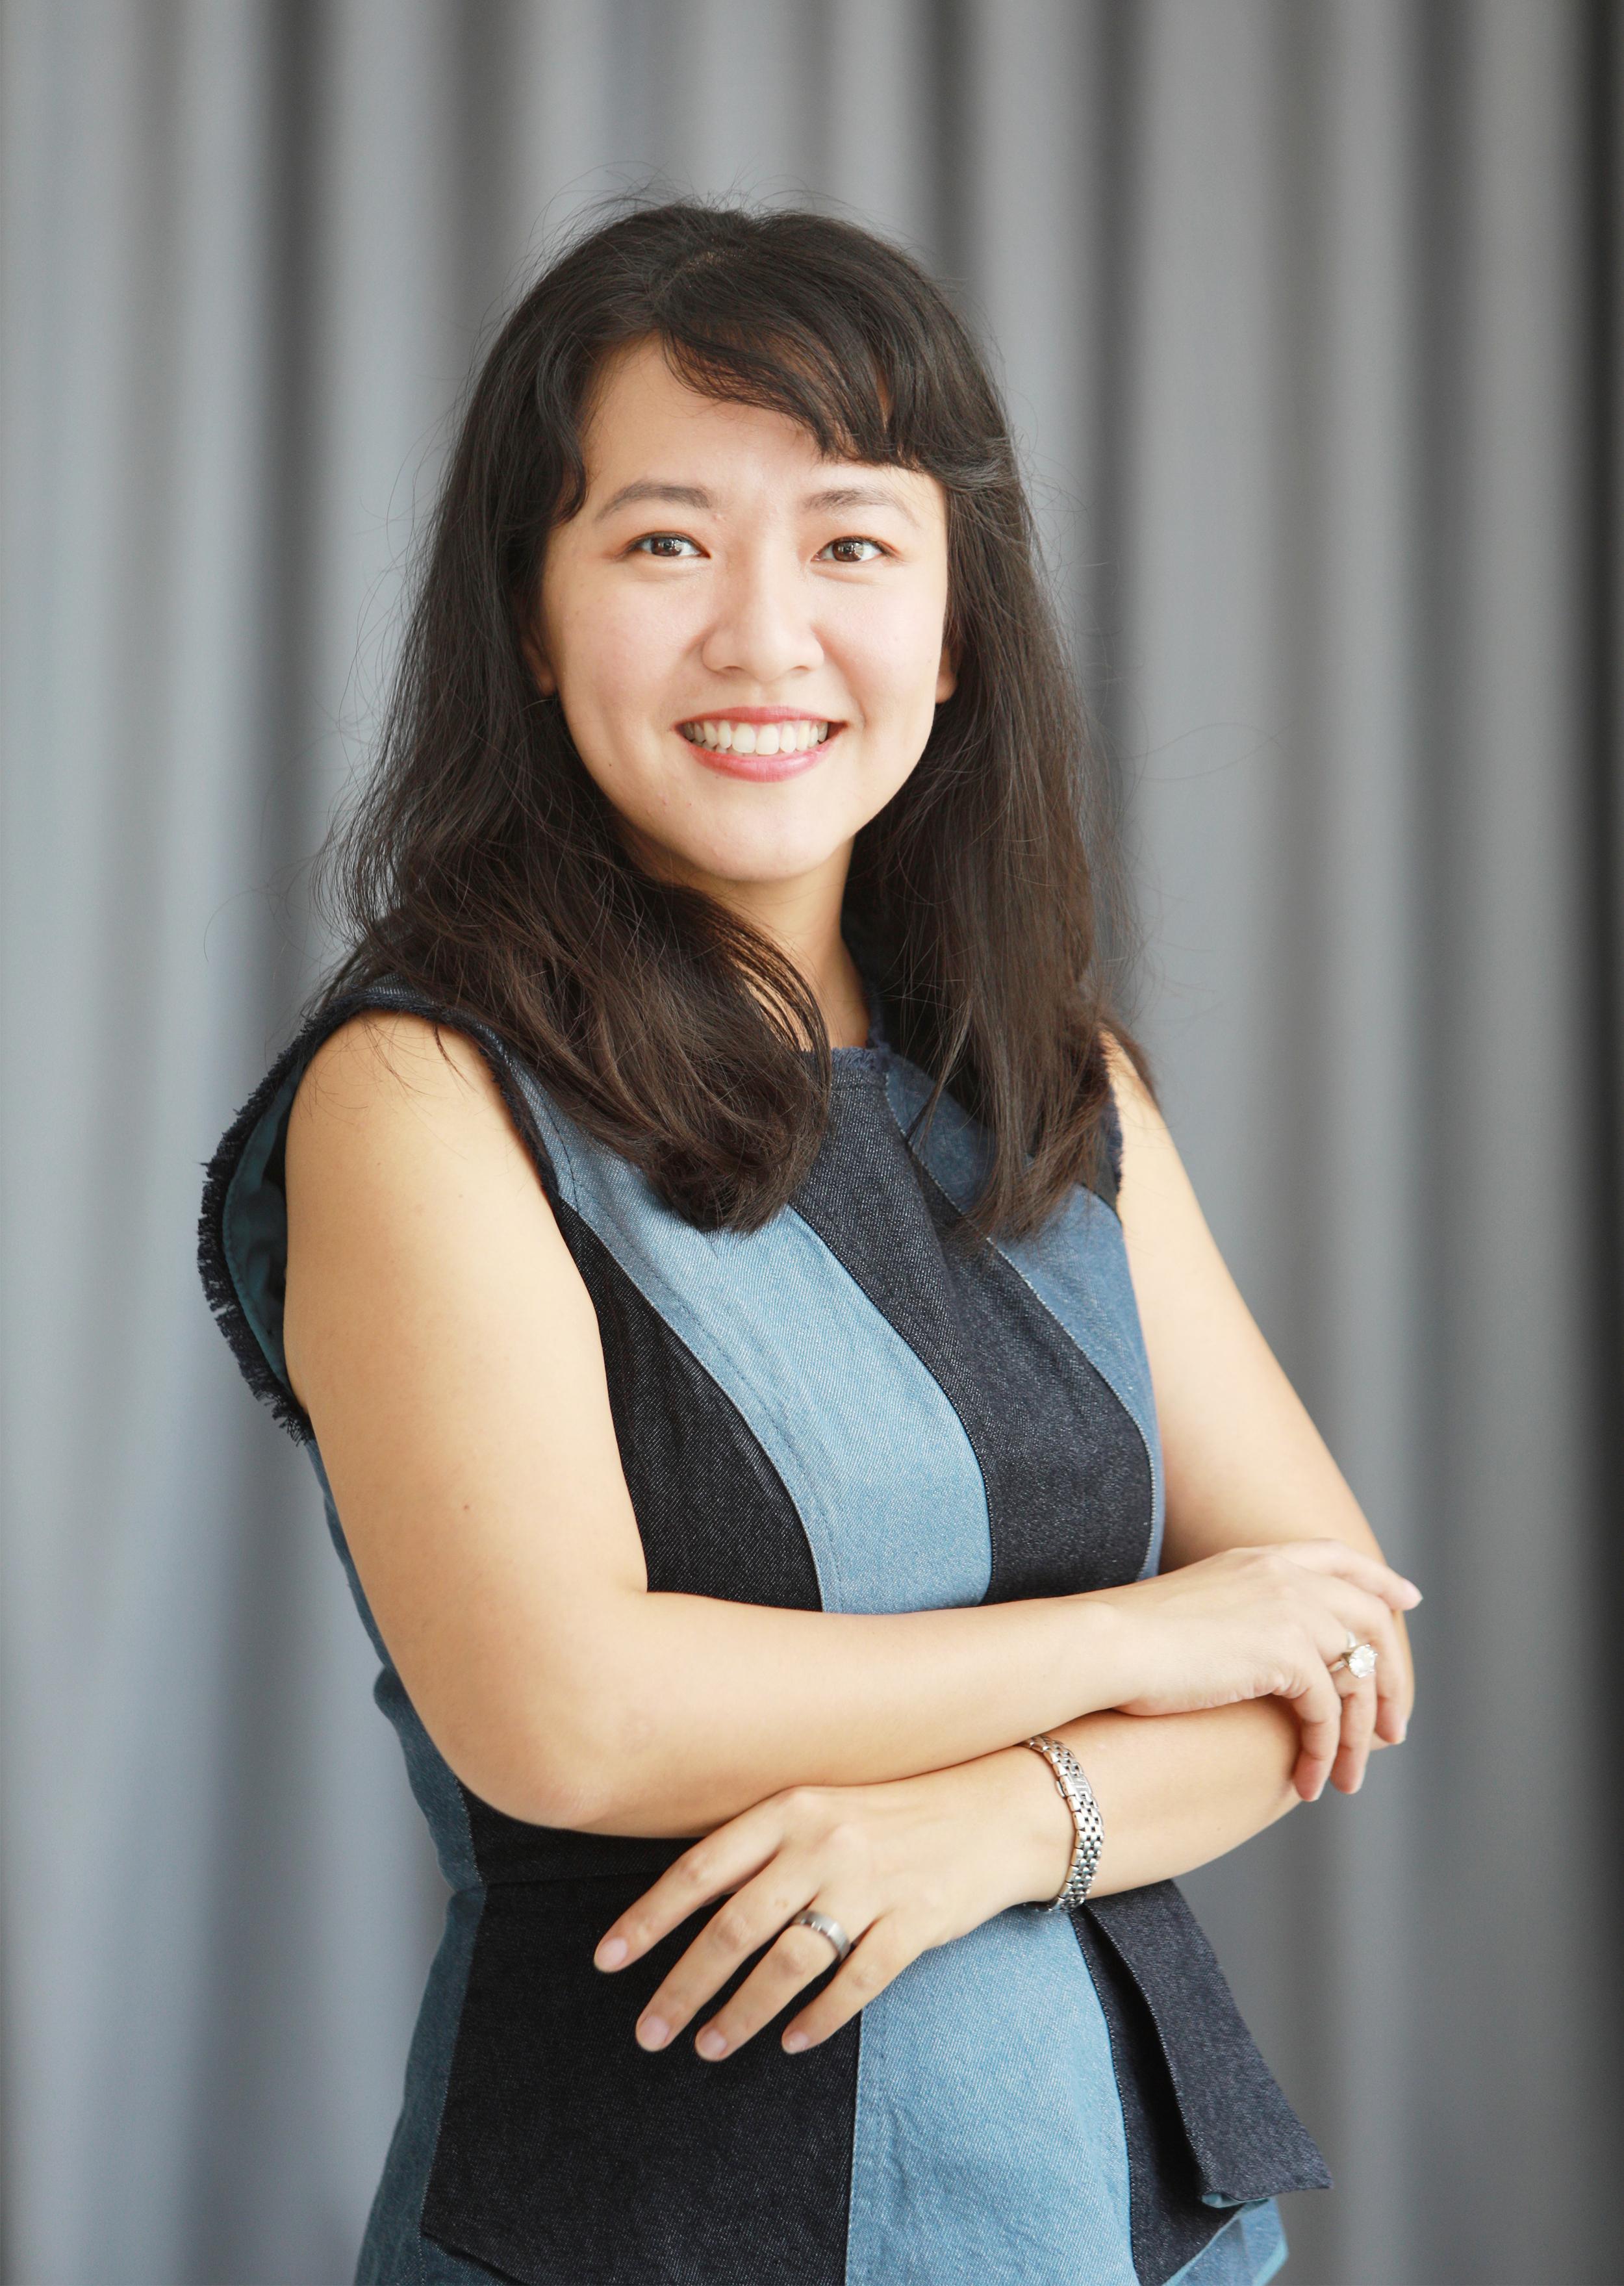 Chuyện ít biết về vợ chồng doanh nhân đưa nhà máy in 3D sợi carbon lớn nhất thế giới về Việt Nam - Ảnh 8.